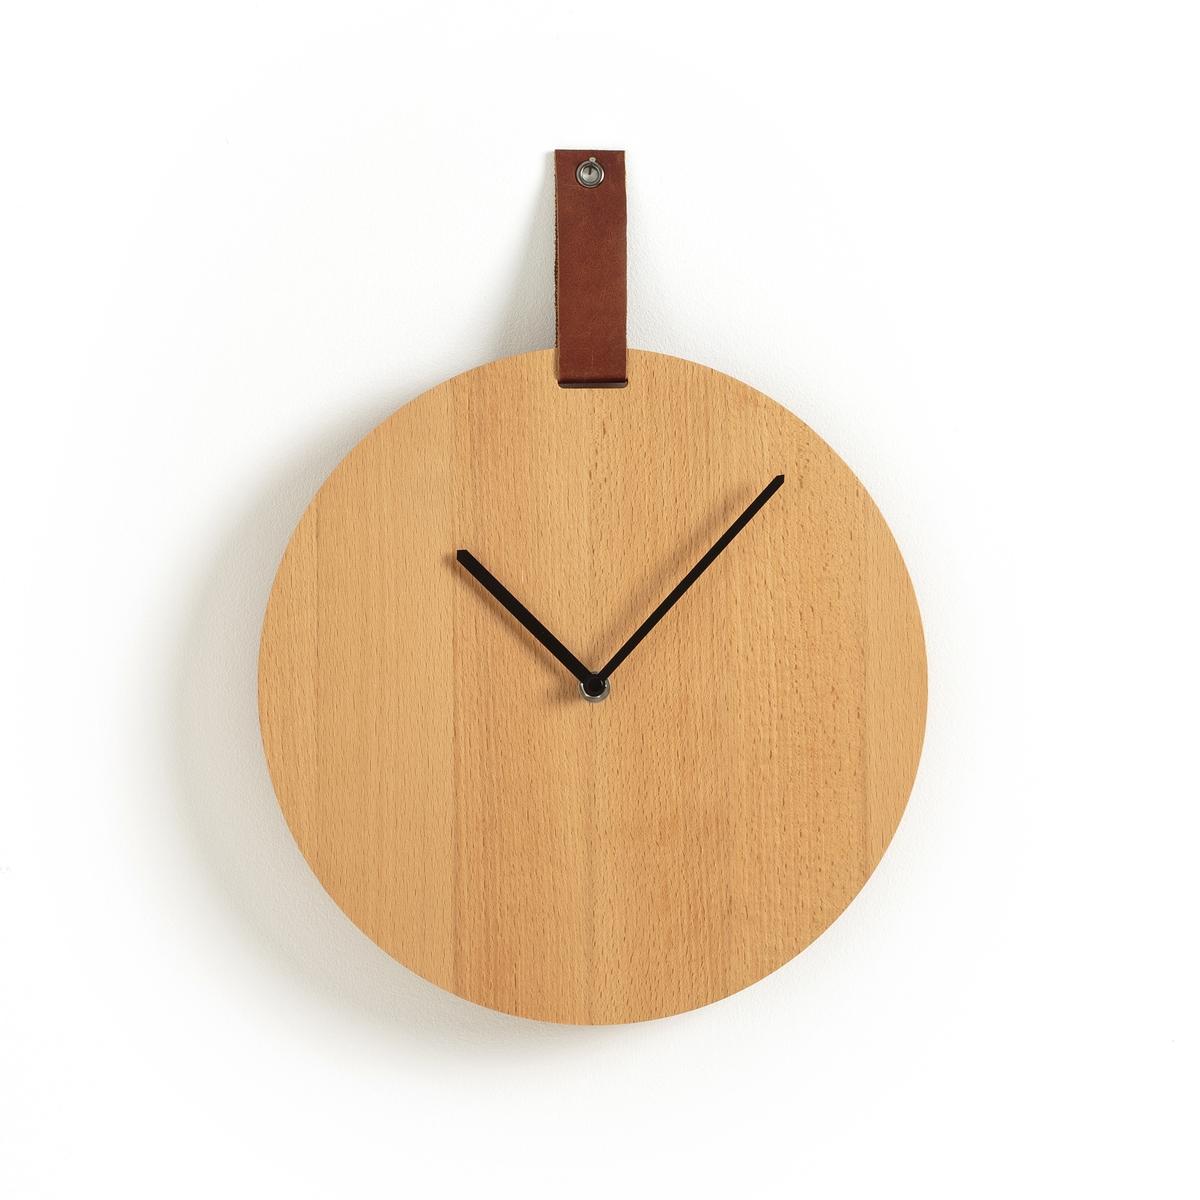 Часы настенные из дерева и кожи, TAMURTФункциональный и декоративный аксессуар для стены в вашем интерьере, с этими часами он преобразится и не останется незамеченным !Описание часов Tamurt :Часы из массива бука с ремешком из кожиКварцевый механизм,Работают с 1 батарейкой LR6 AA  1.5В (не входит в комплект). Другие предметы декора Вы найдете на  laredoute.ruРазмеры настенных часов Tamurt:Общие размеры :Диаметр : 30 смГлубина : 1,5 см<br><br>Цвет: дерево